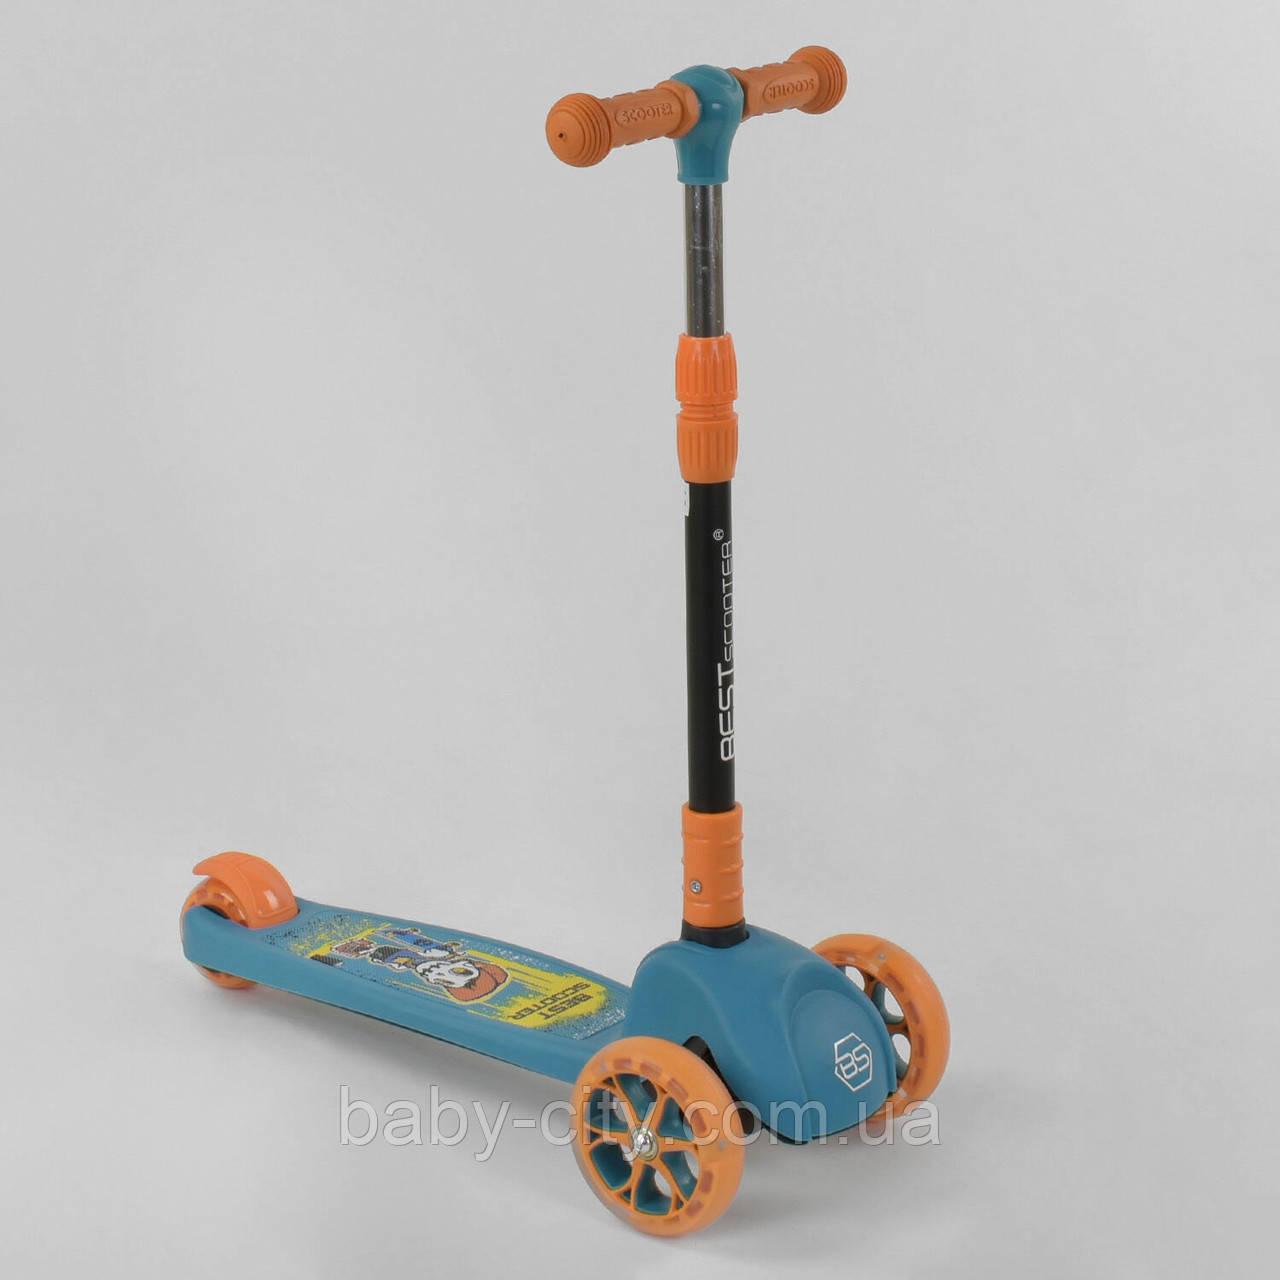 Детский трехколесный самокат Best Scooter 45567 Голубой с оранжевым